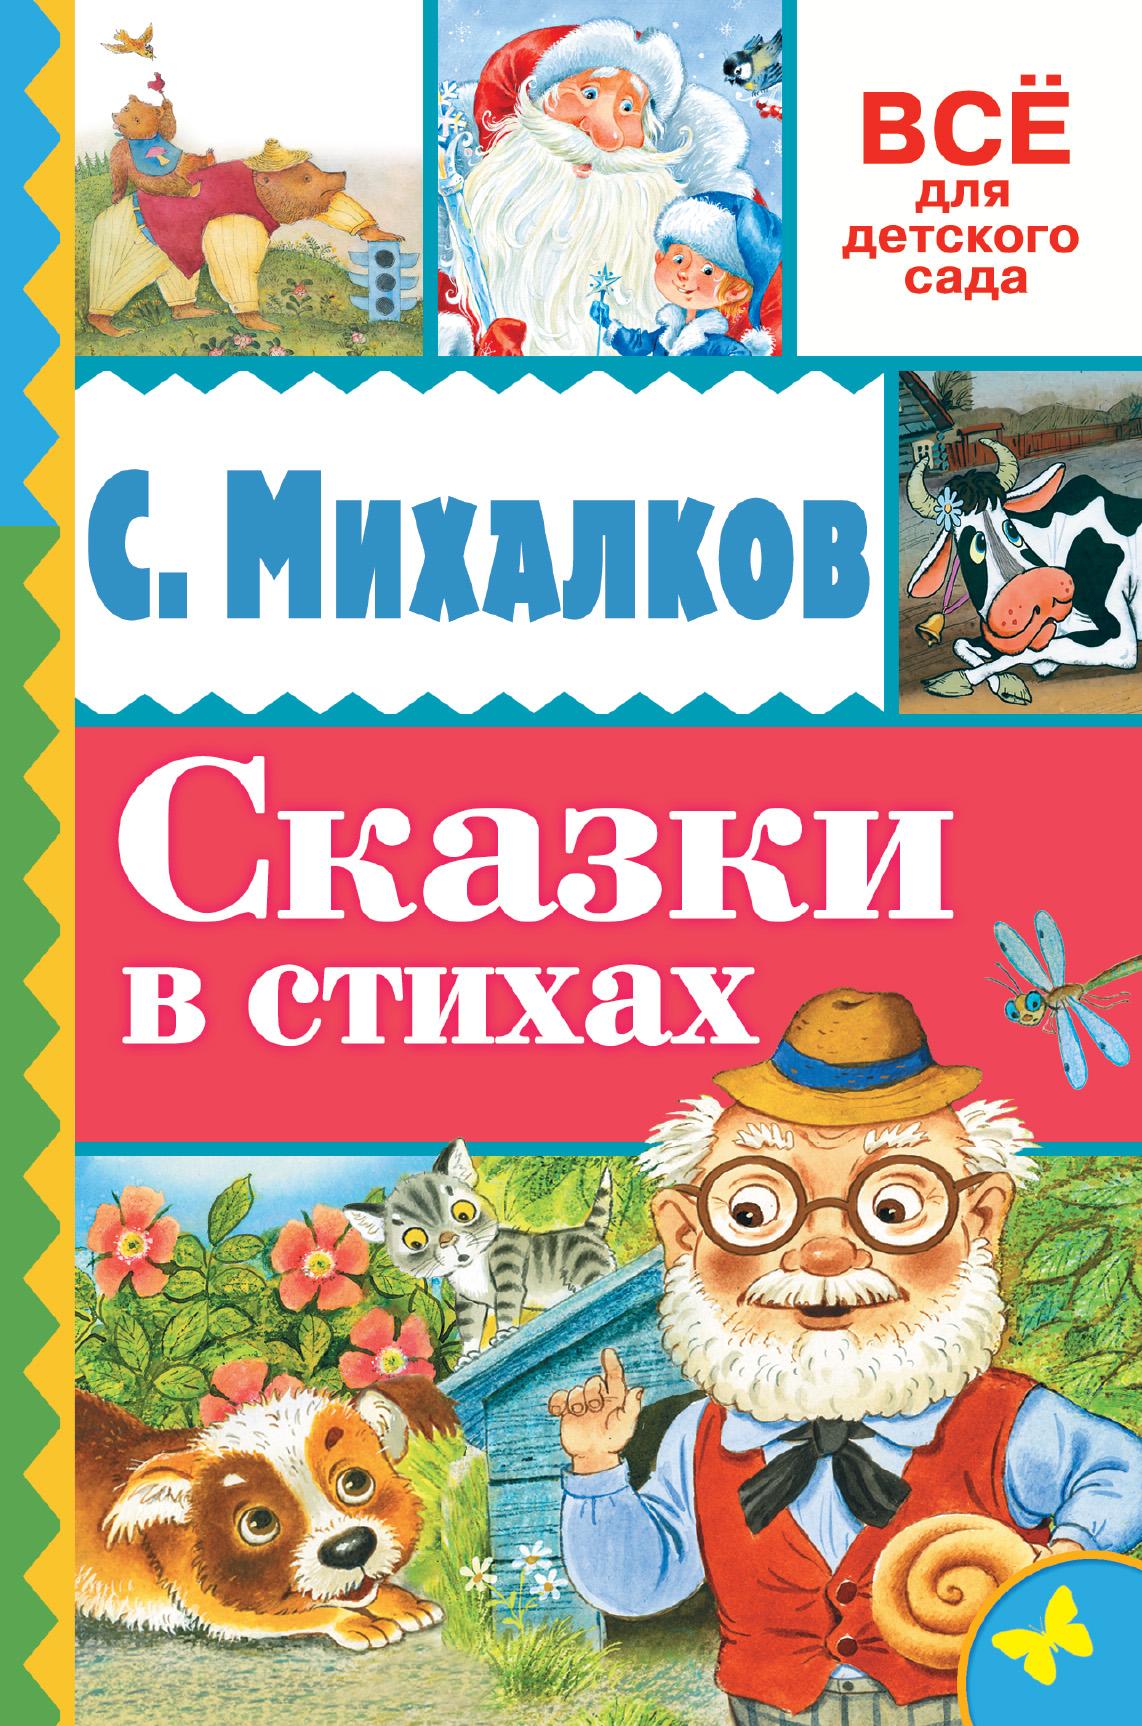 Михалков С.В. Сказки в стихах